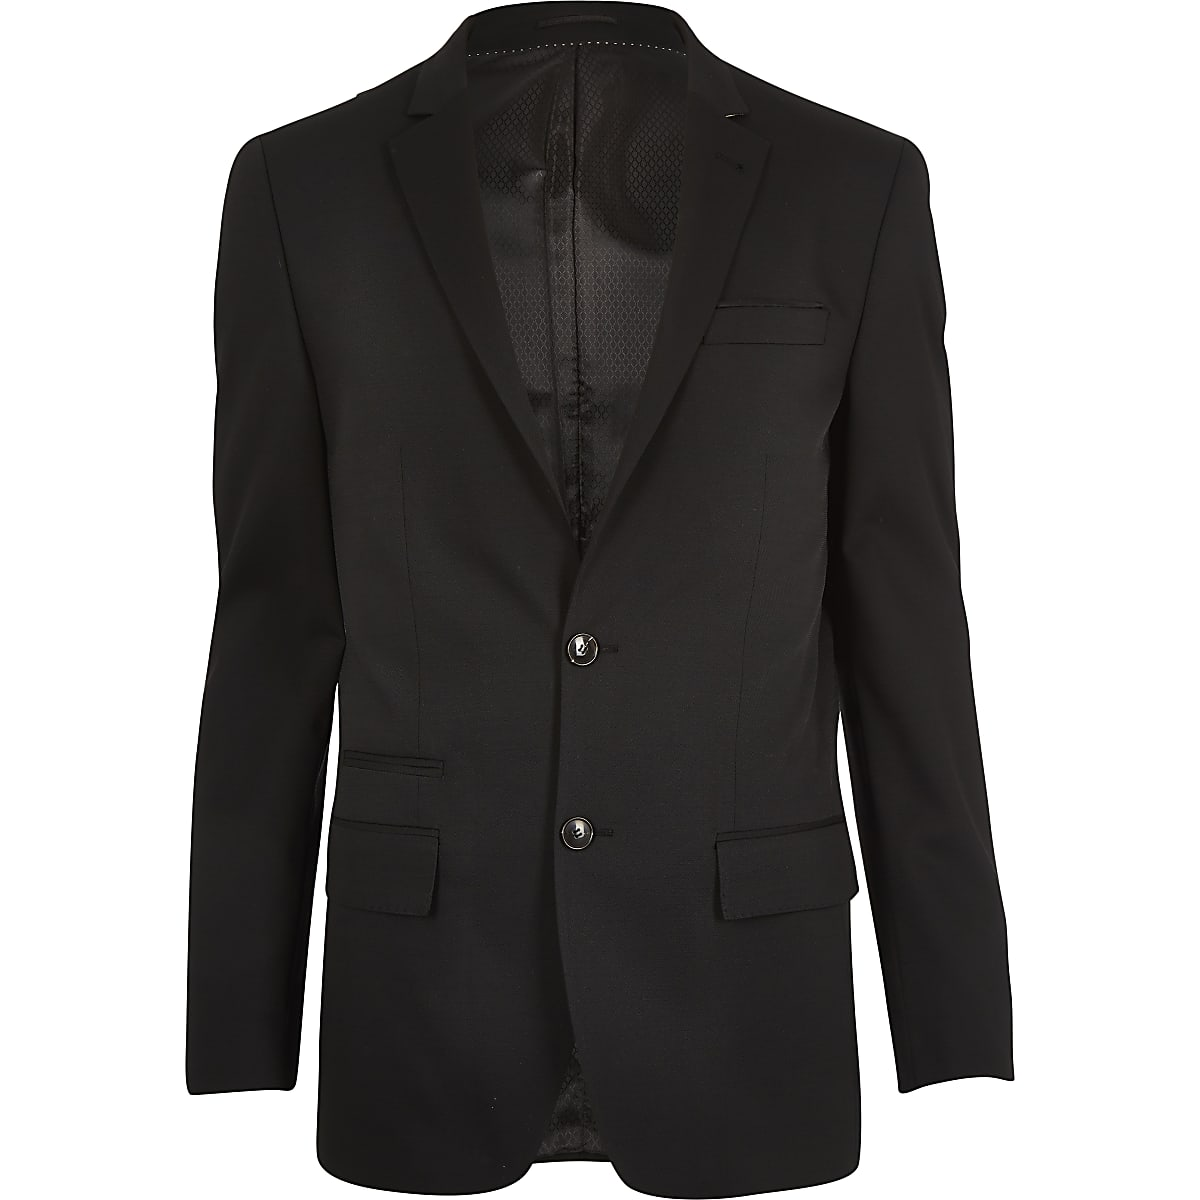 Veste de costume cintrée en laine mélangée microtexturée noire